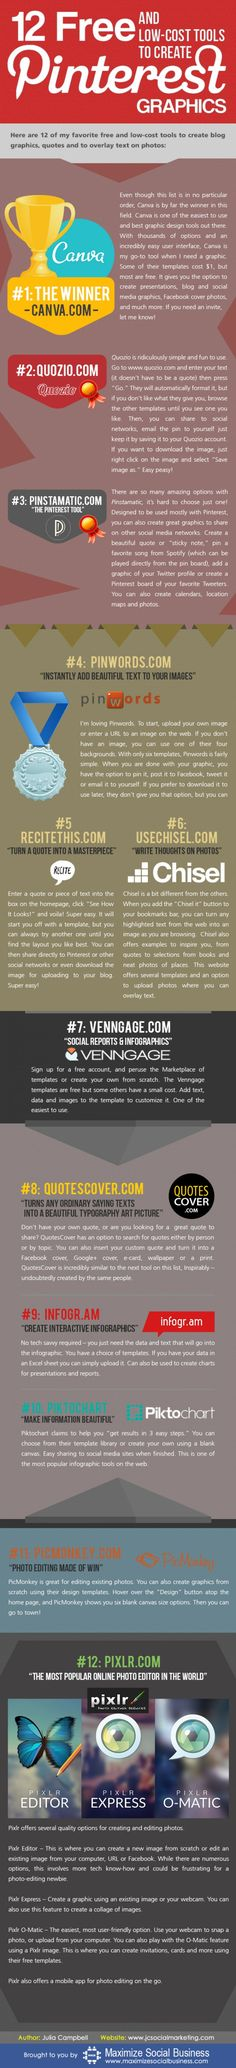 12 herramientas gratuitas para imágenes para Pinterest vía: http://ticsyformacion.com